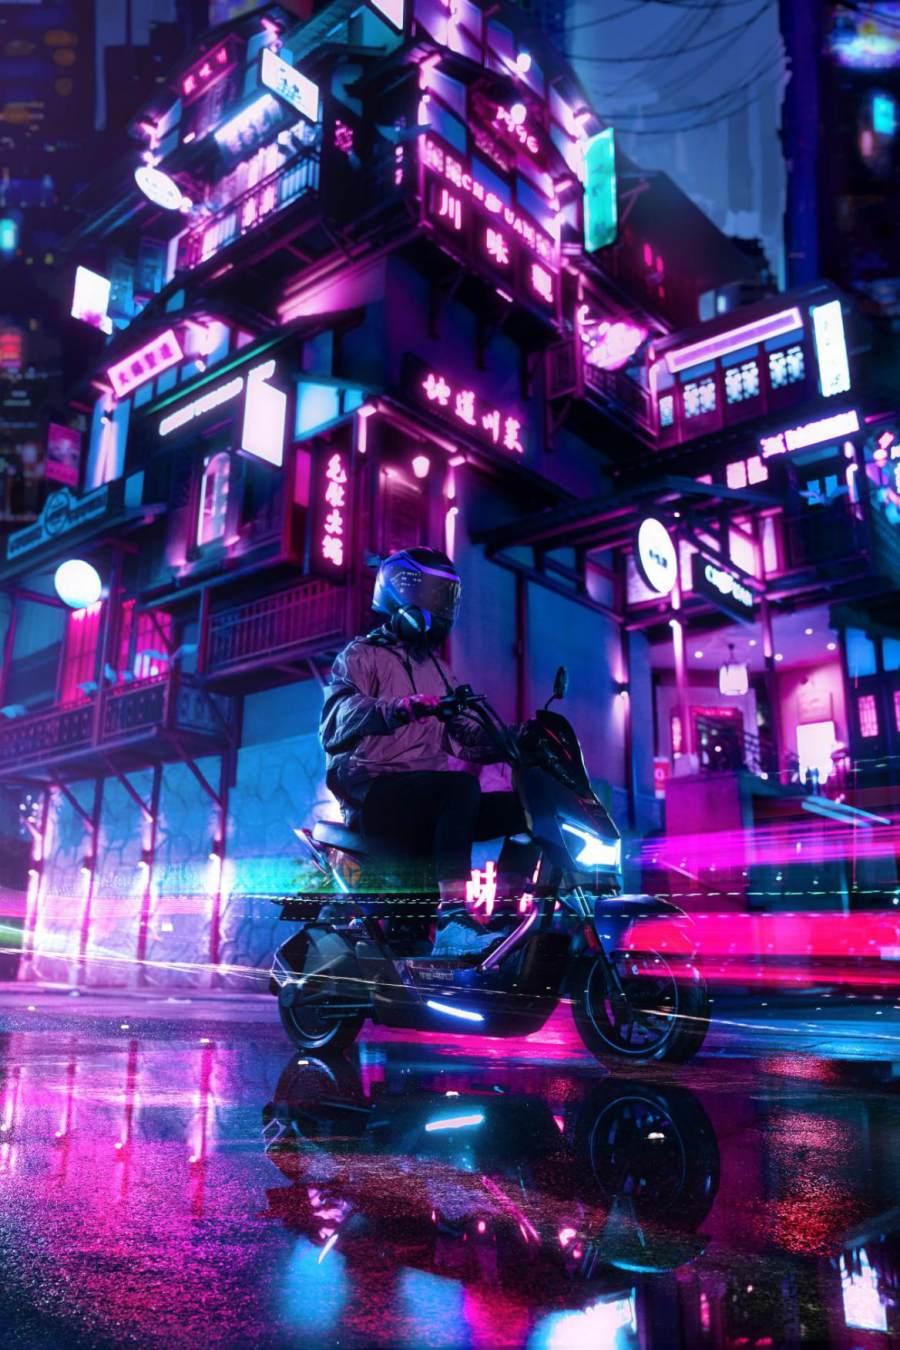 雅迪发布最炫焕装车招募令,冠智极光骑回家!